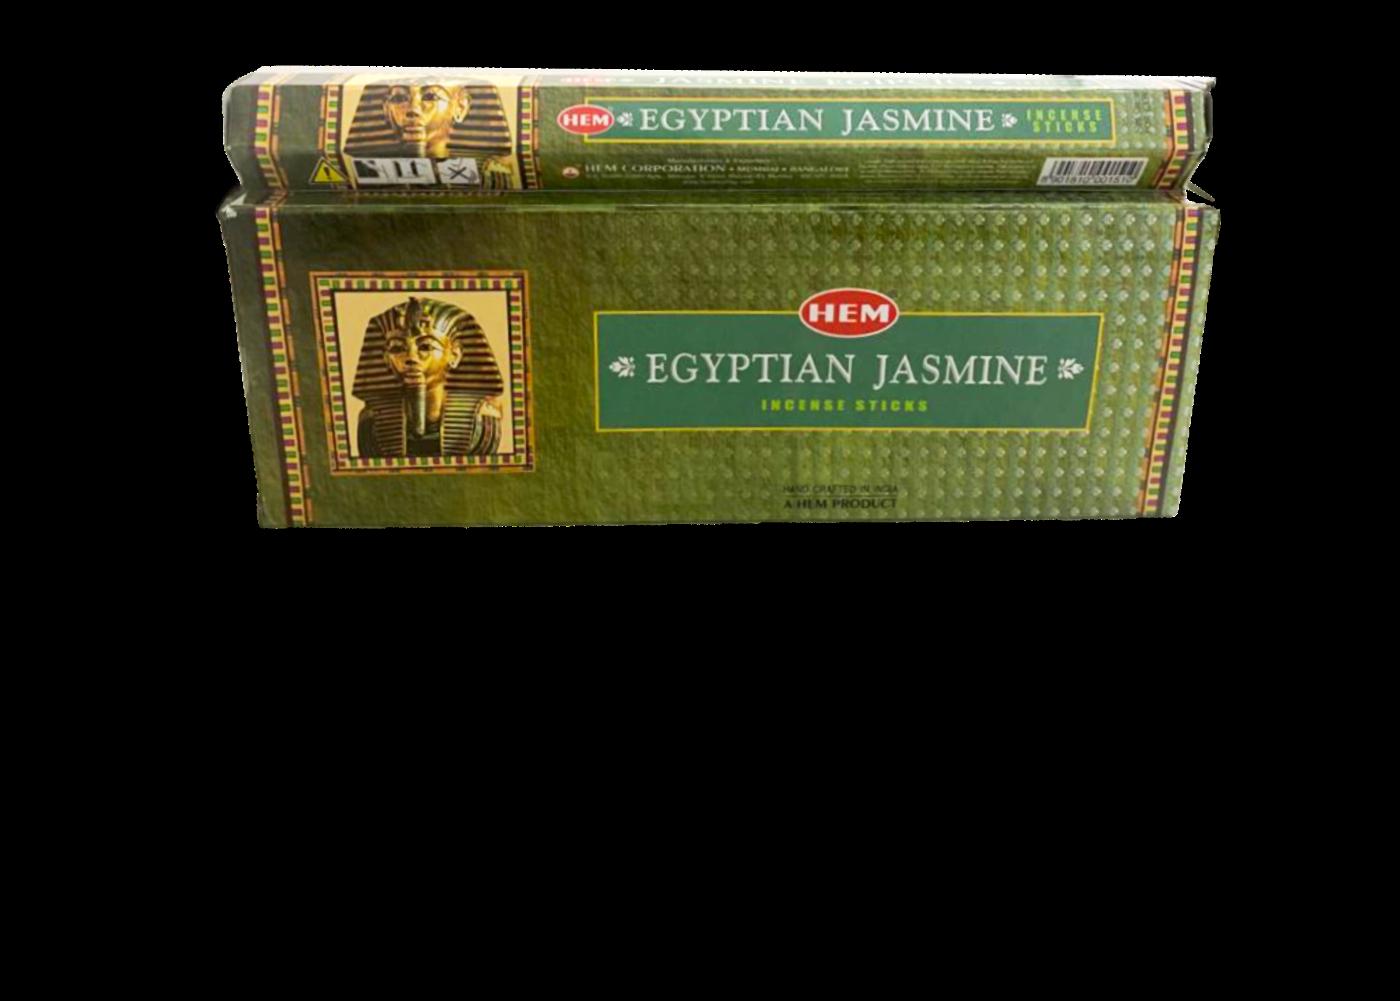 Hem Egyptian Jasmine Incense Sticks